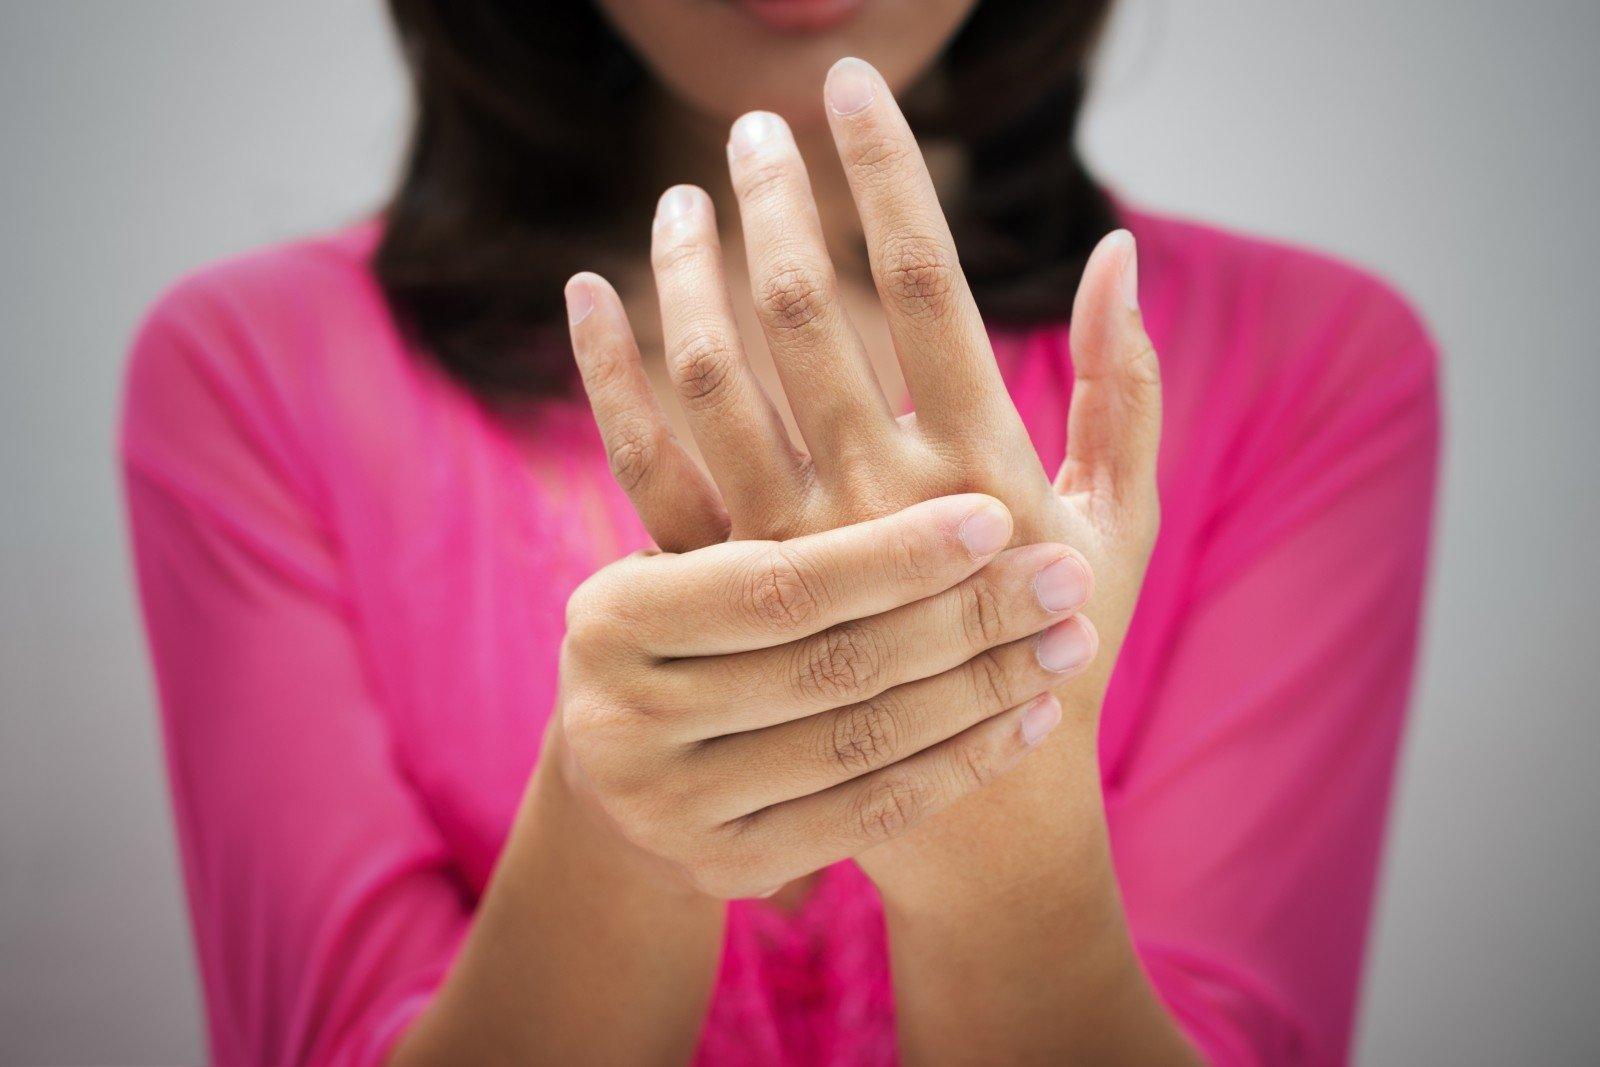 kaip sumažinti skausmą dėl piršto sąnarys kodel deformuojasi pirstu sanariai